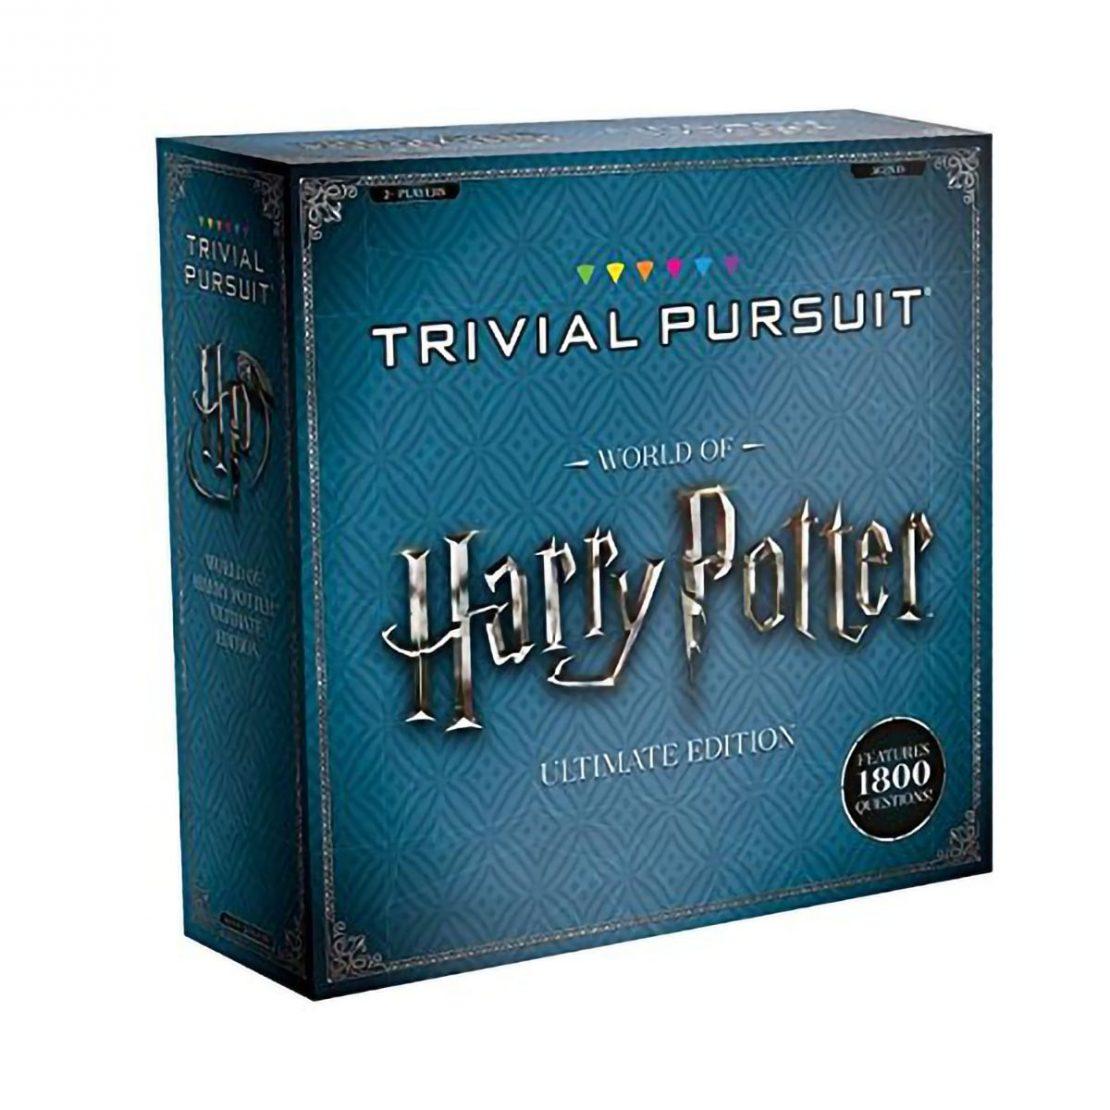 Harry Potter Trivial Pursuit Box